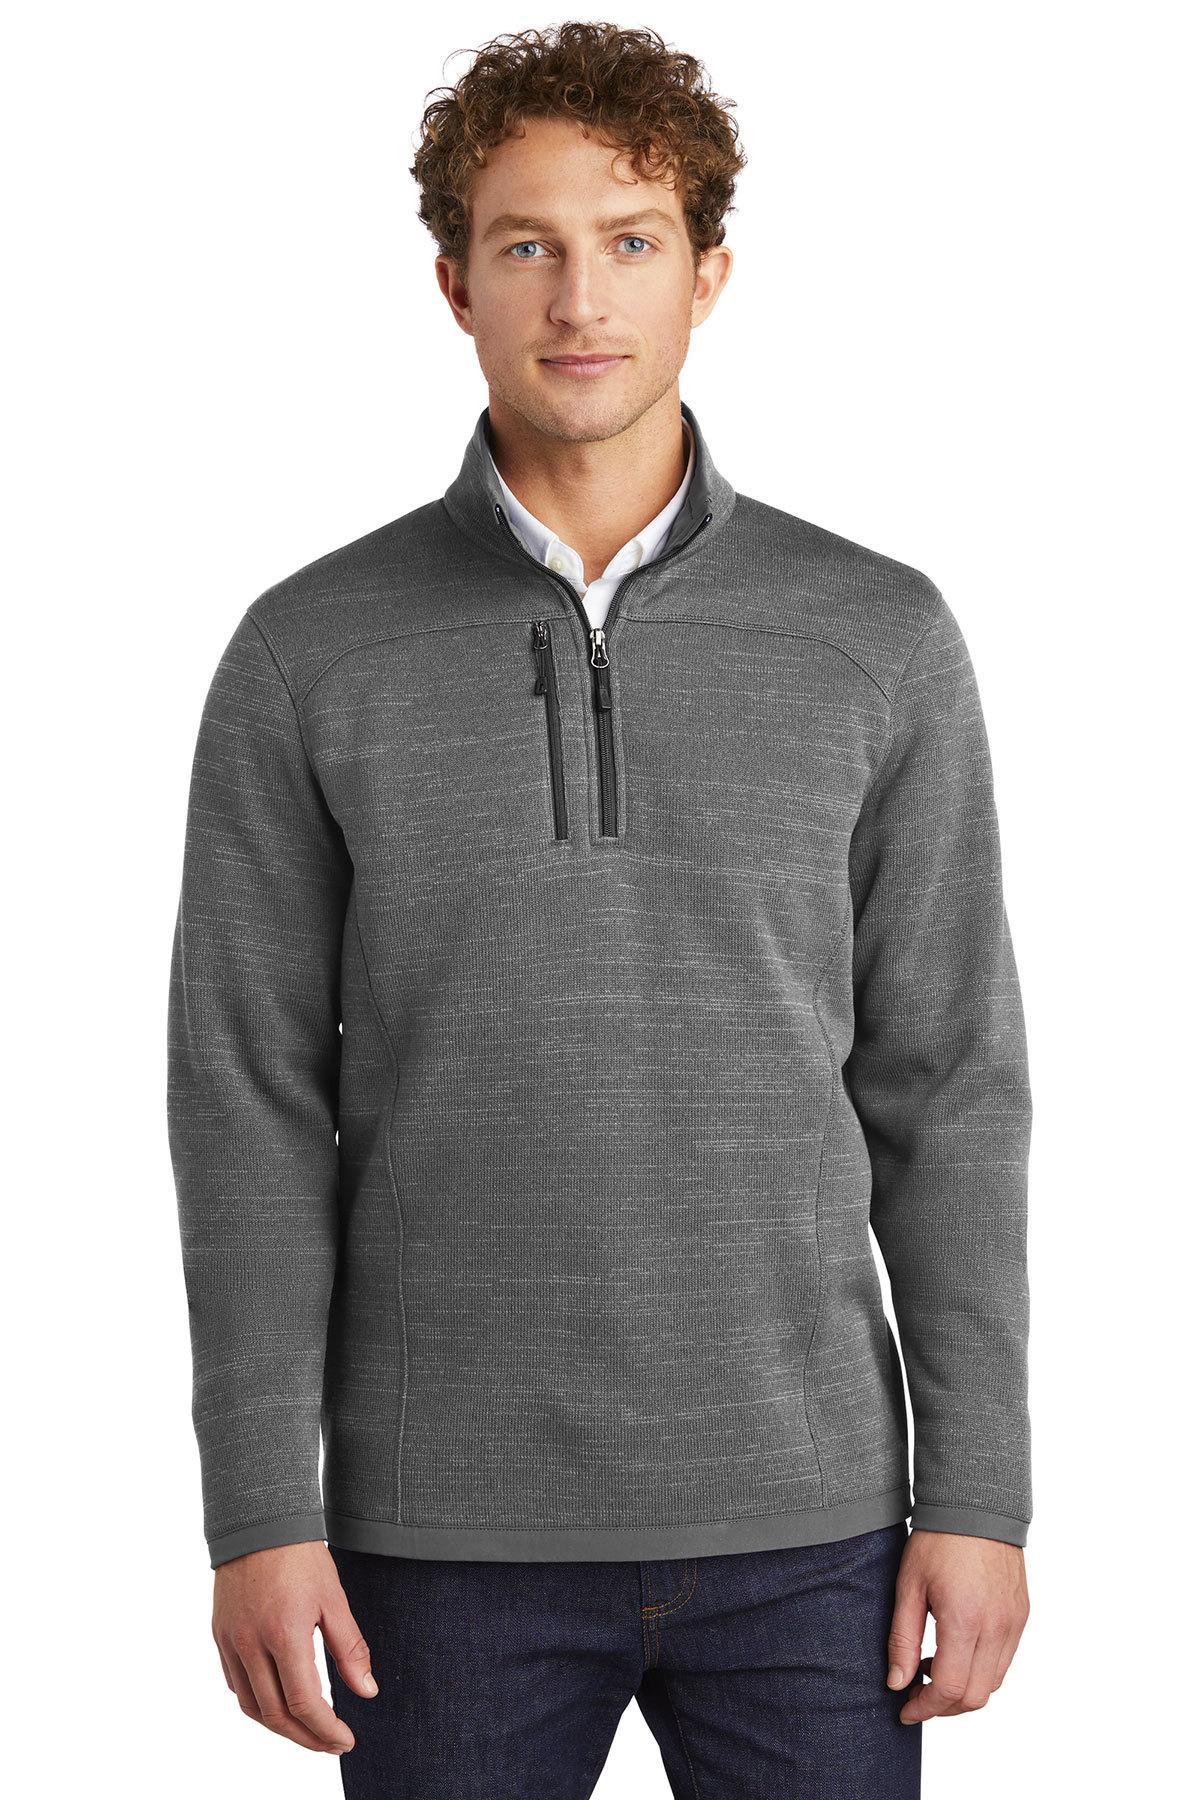 Eddie Bauer EB254 - Men's Sweater Fleece 1/4-Zip